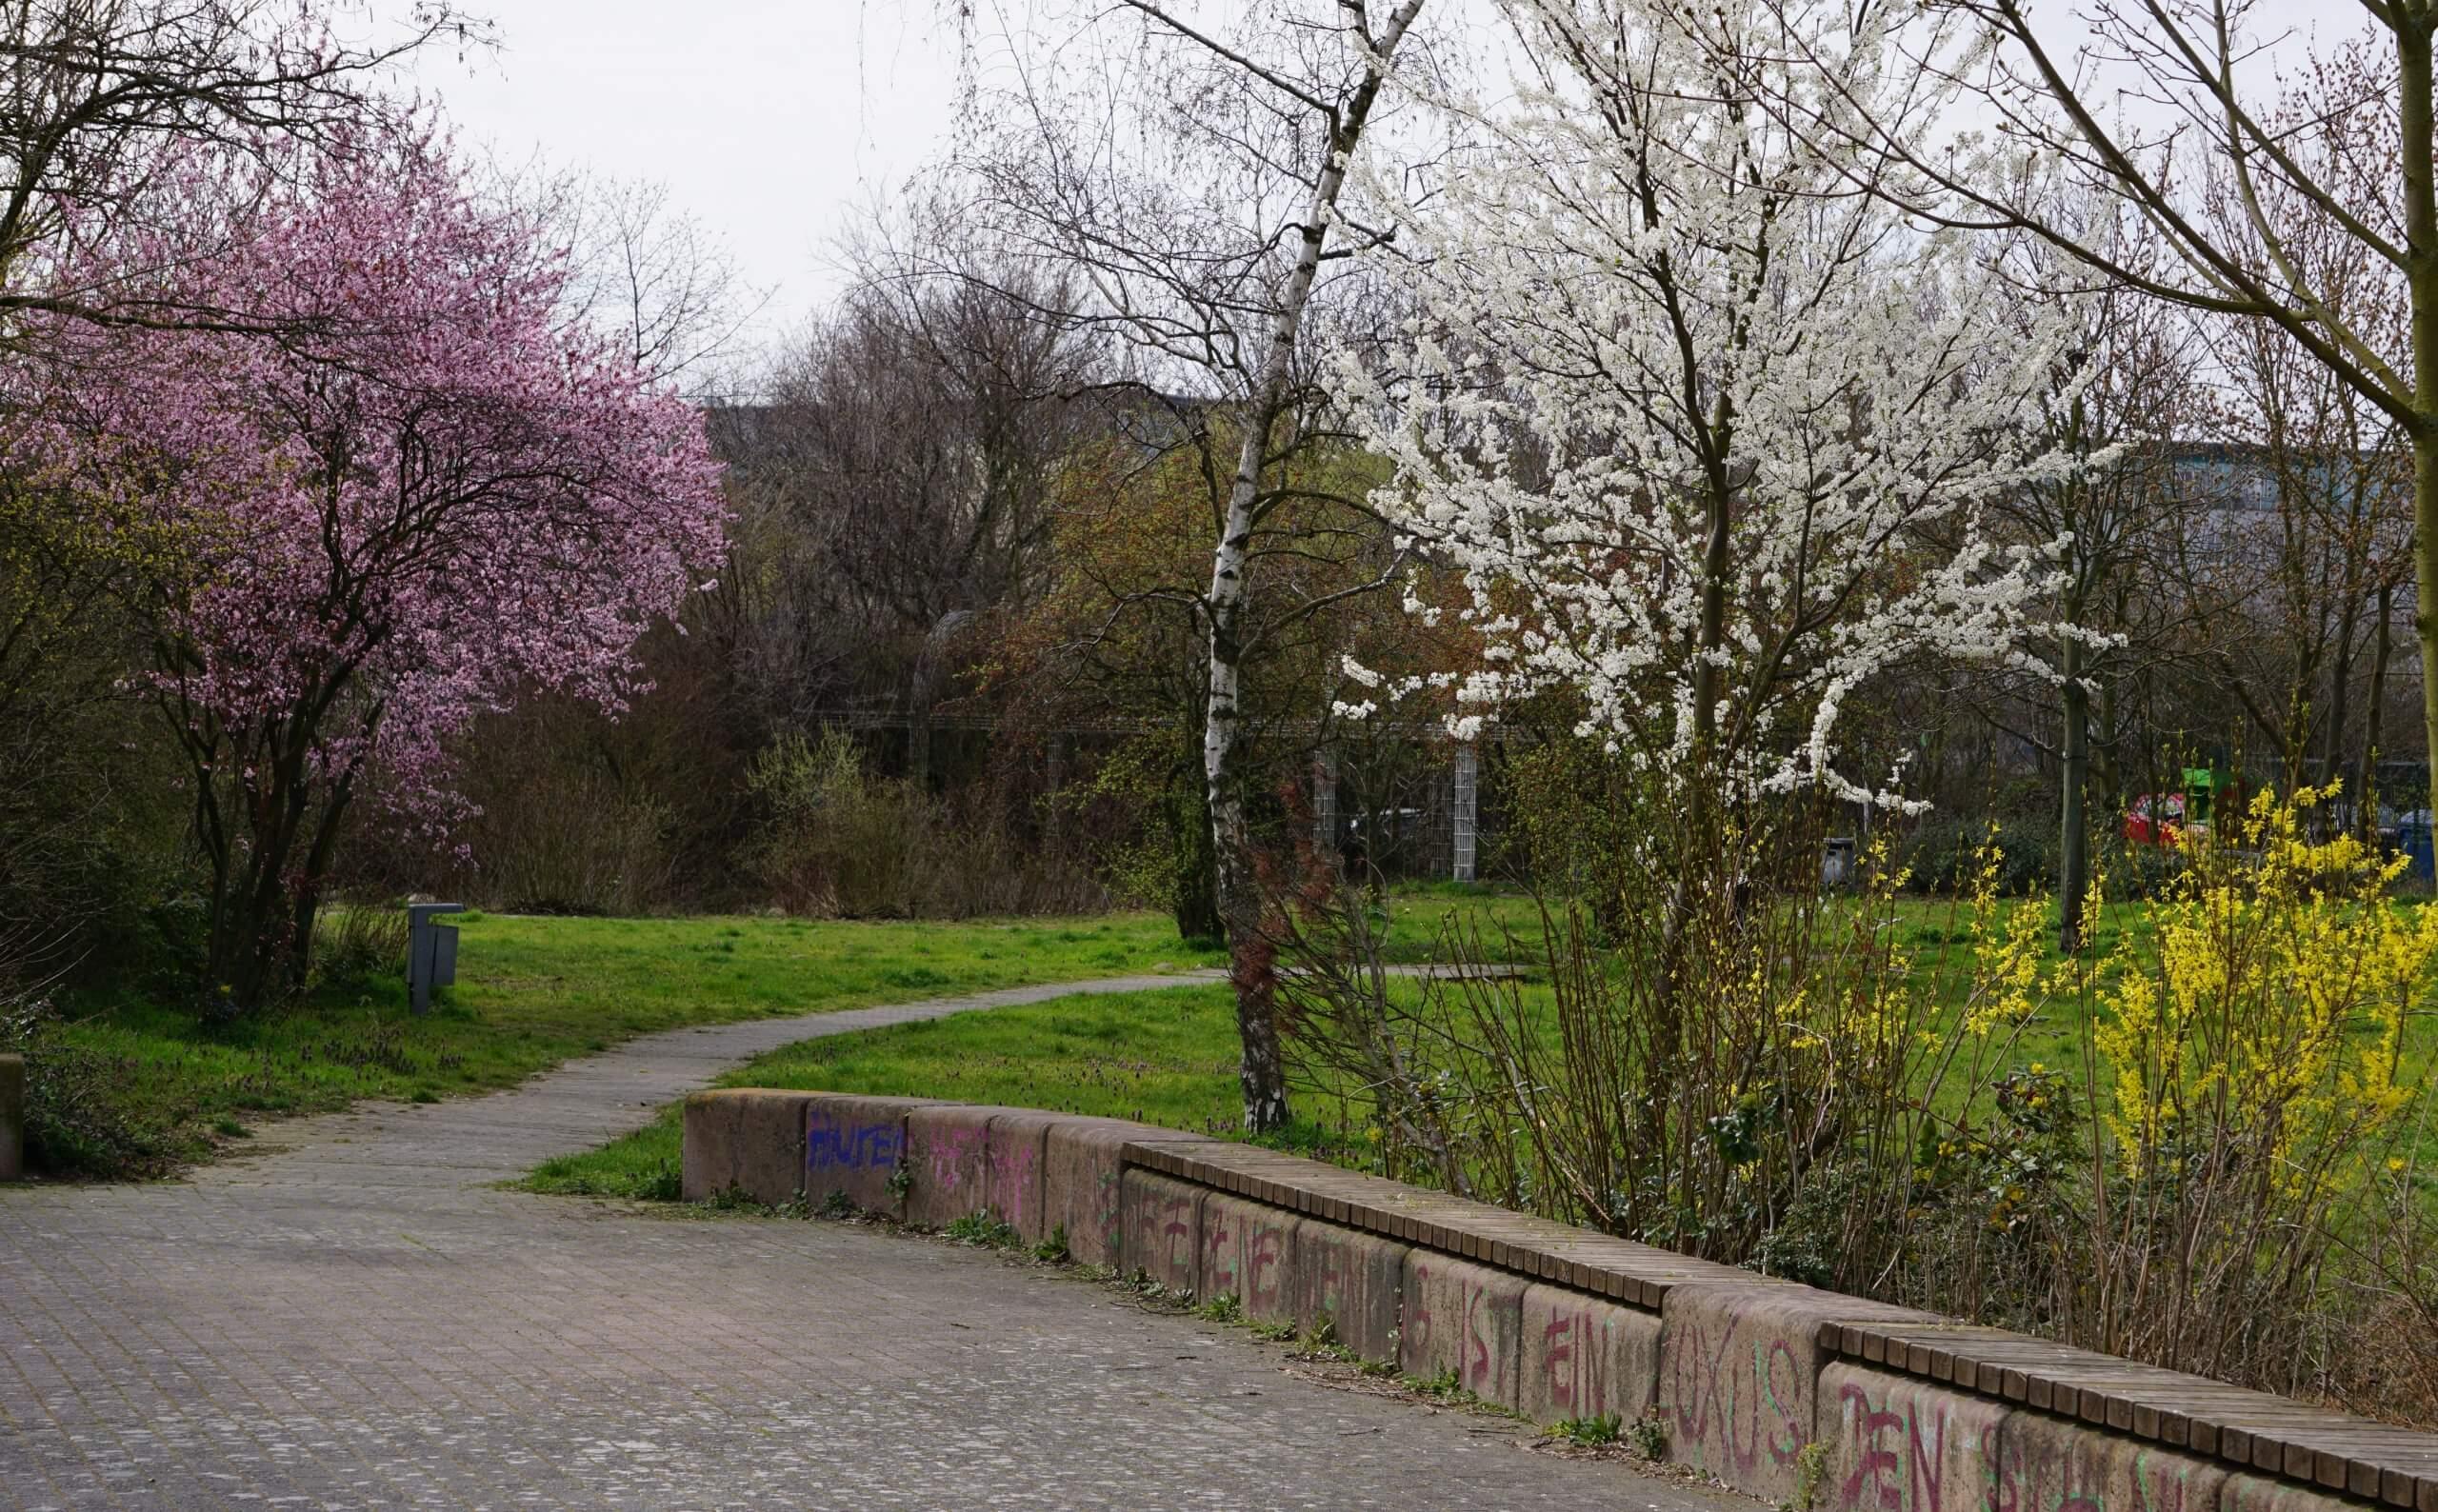 Das Bild zeigt weiß- und rosafarben blühende Zierkirschen, kombiniert mit den gelb blühenden Forsythien, in der park-ähnlichen Grünanlage im Süden des Kosmosviertels.